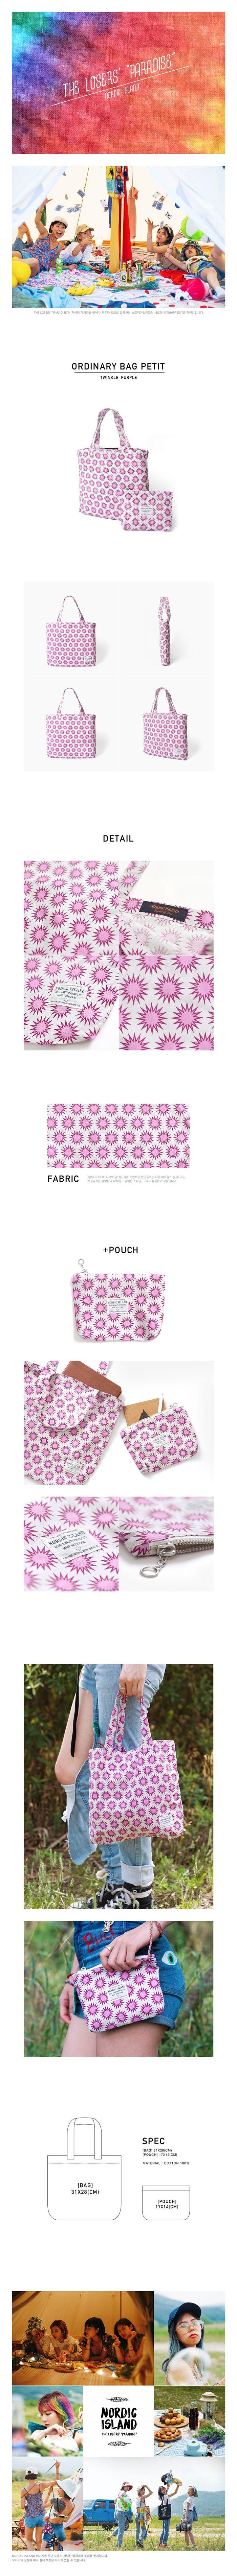 (複製)NORDIC ISLAND | 帆布購物袋-Twinkle閃爍 (粉紫)